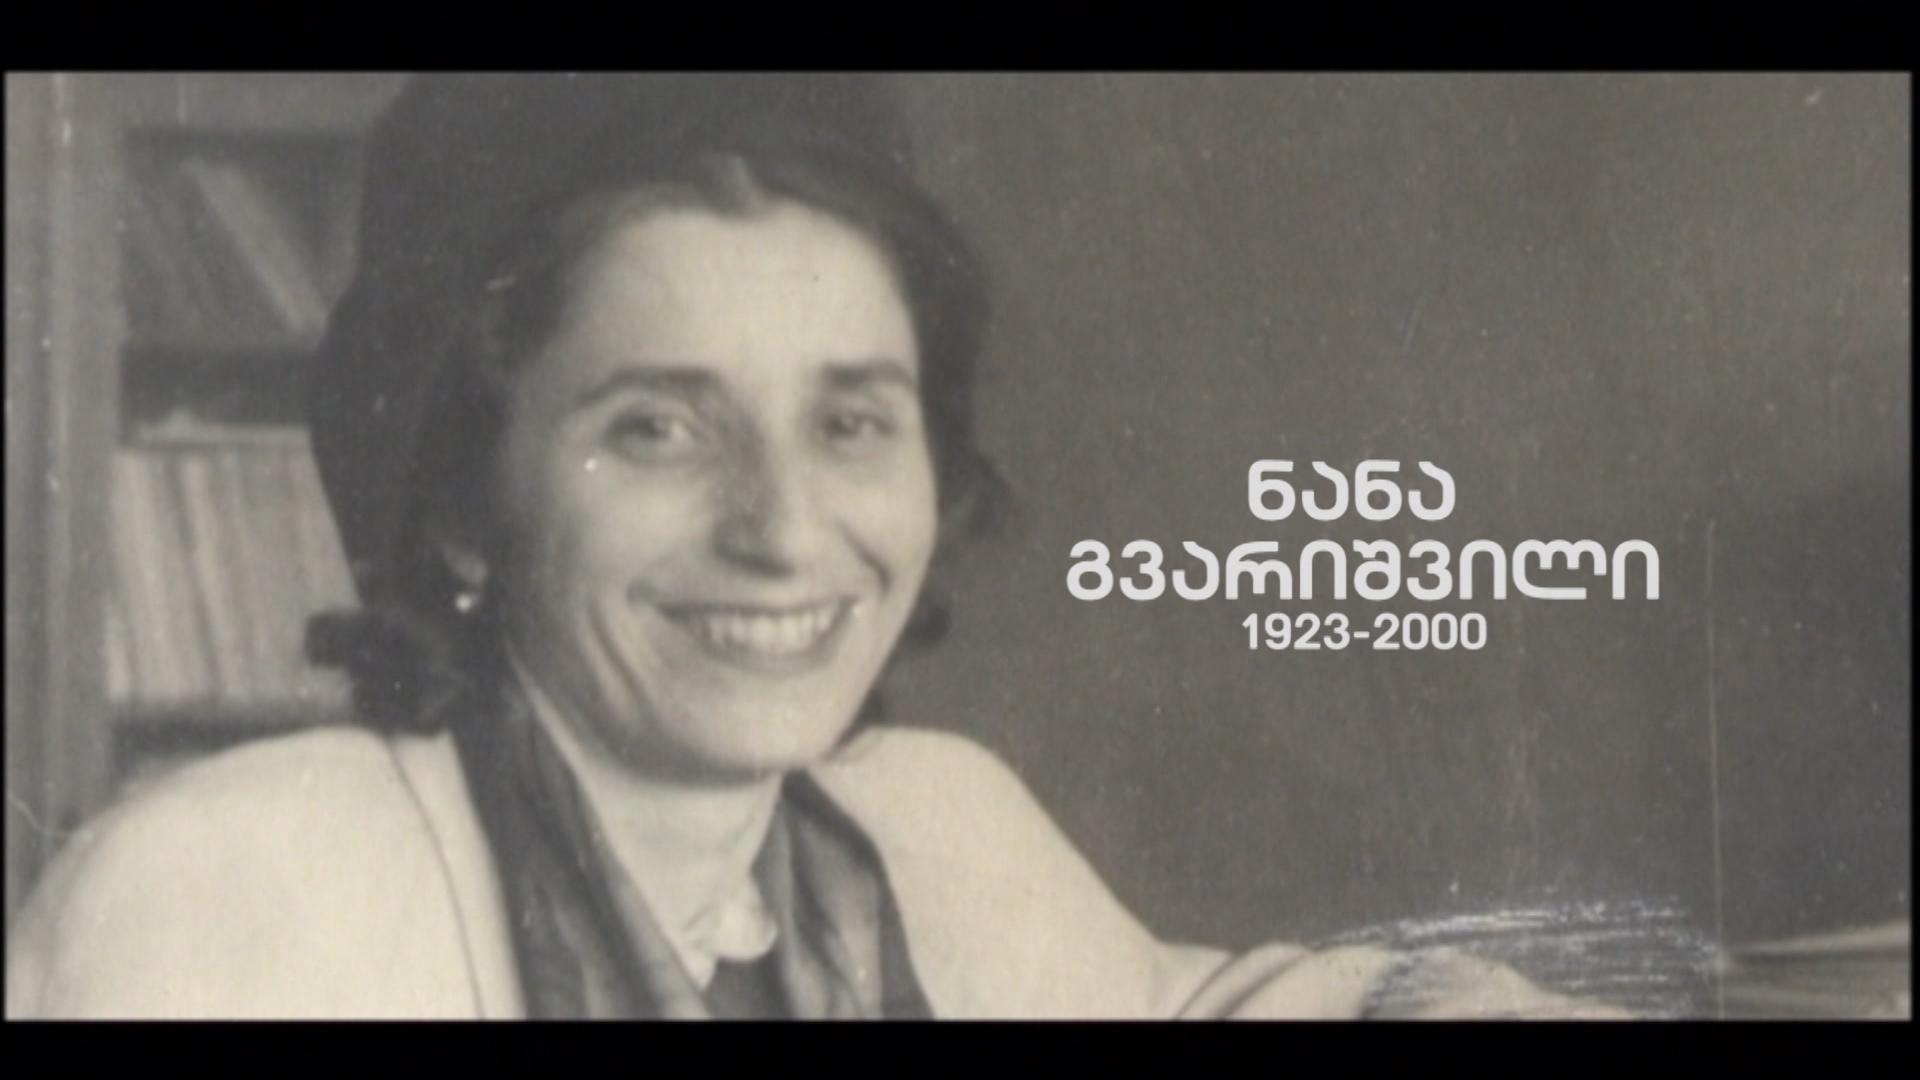 ნანა გვარიშვილი (1923-2000)